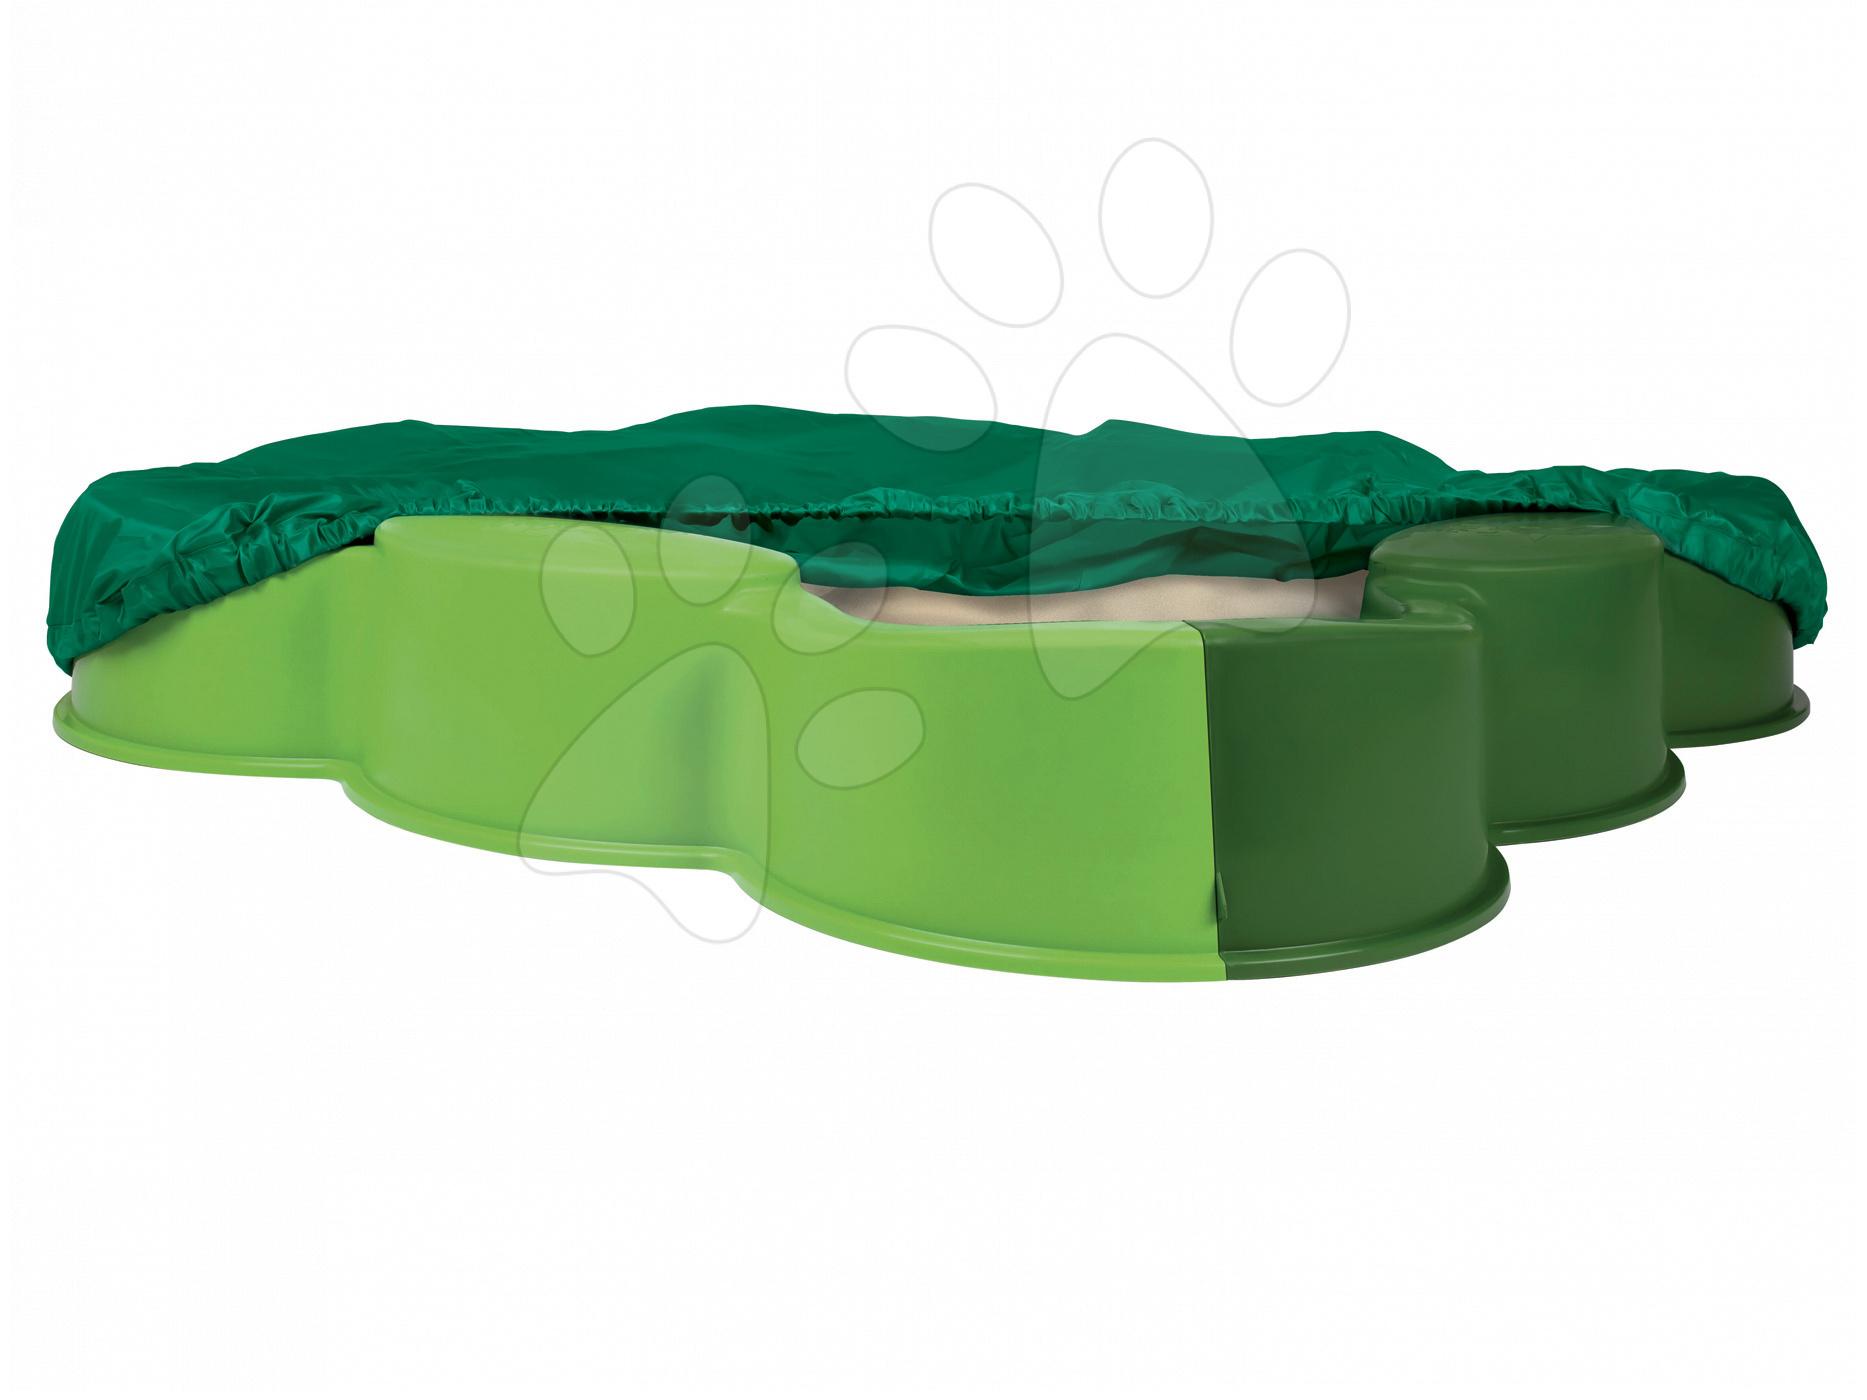 Pískoviště Vario BIG čtyřlístek s plachtou 112*112 cm zelené od 12 měsíců